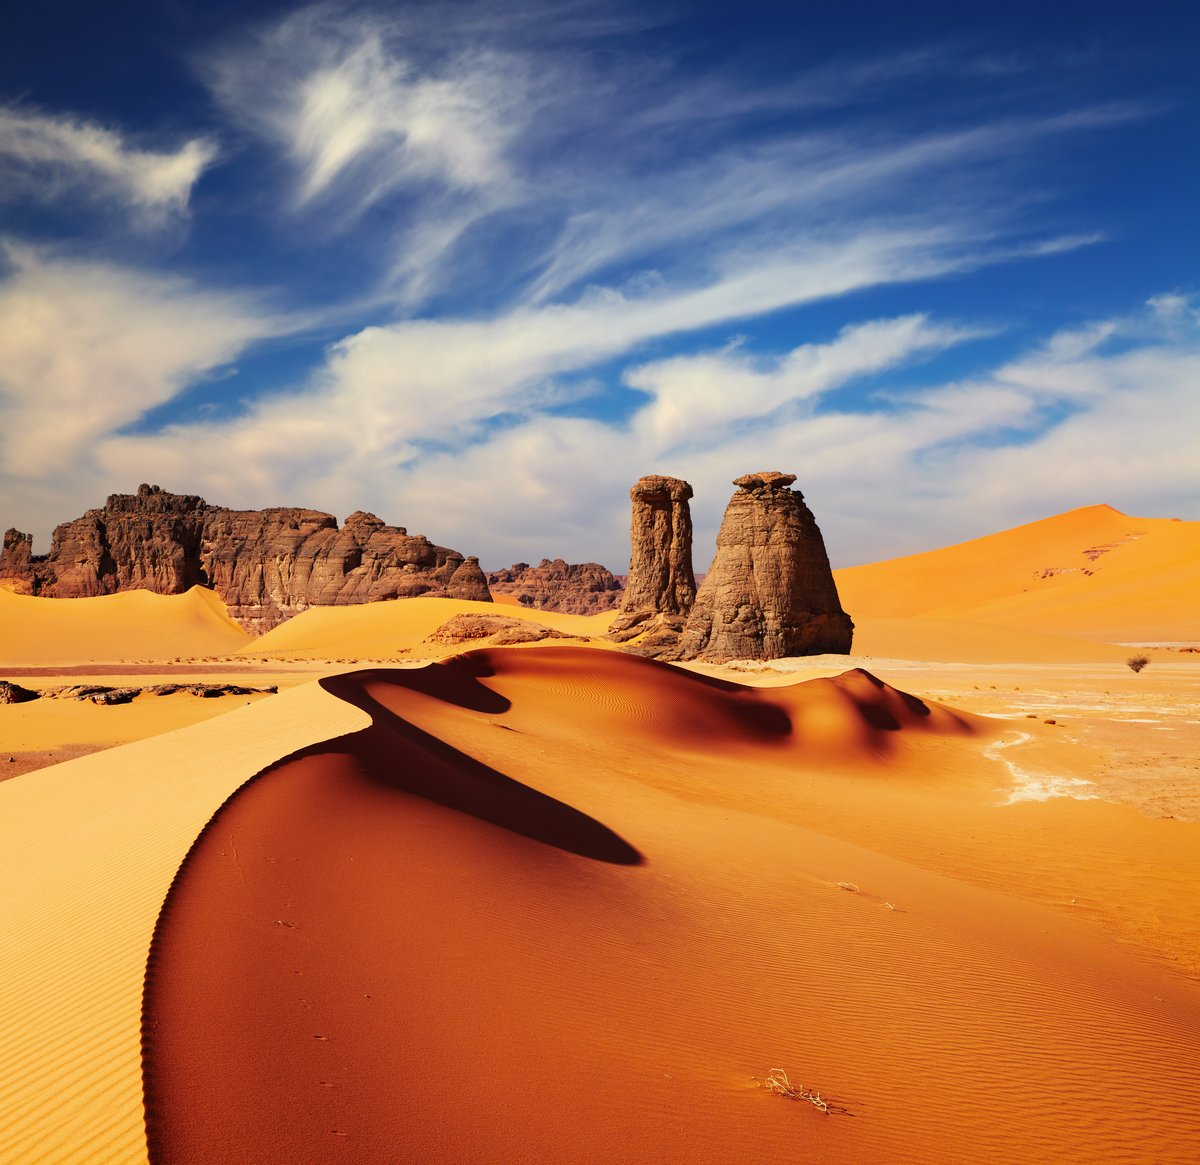 Постер Пейзаж песчаный Пустыне Сахара, АлжирПейзаж песчаный<br>Постер на холсте или бумаге. Любого нужного вам размера. В раме или без. Подвес в комплекте. Трехслойная надежная упаковка. Доставим в любую точку России. Вам осталось только повесить картину на стену!<br>